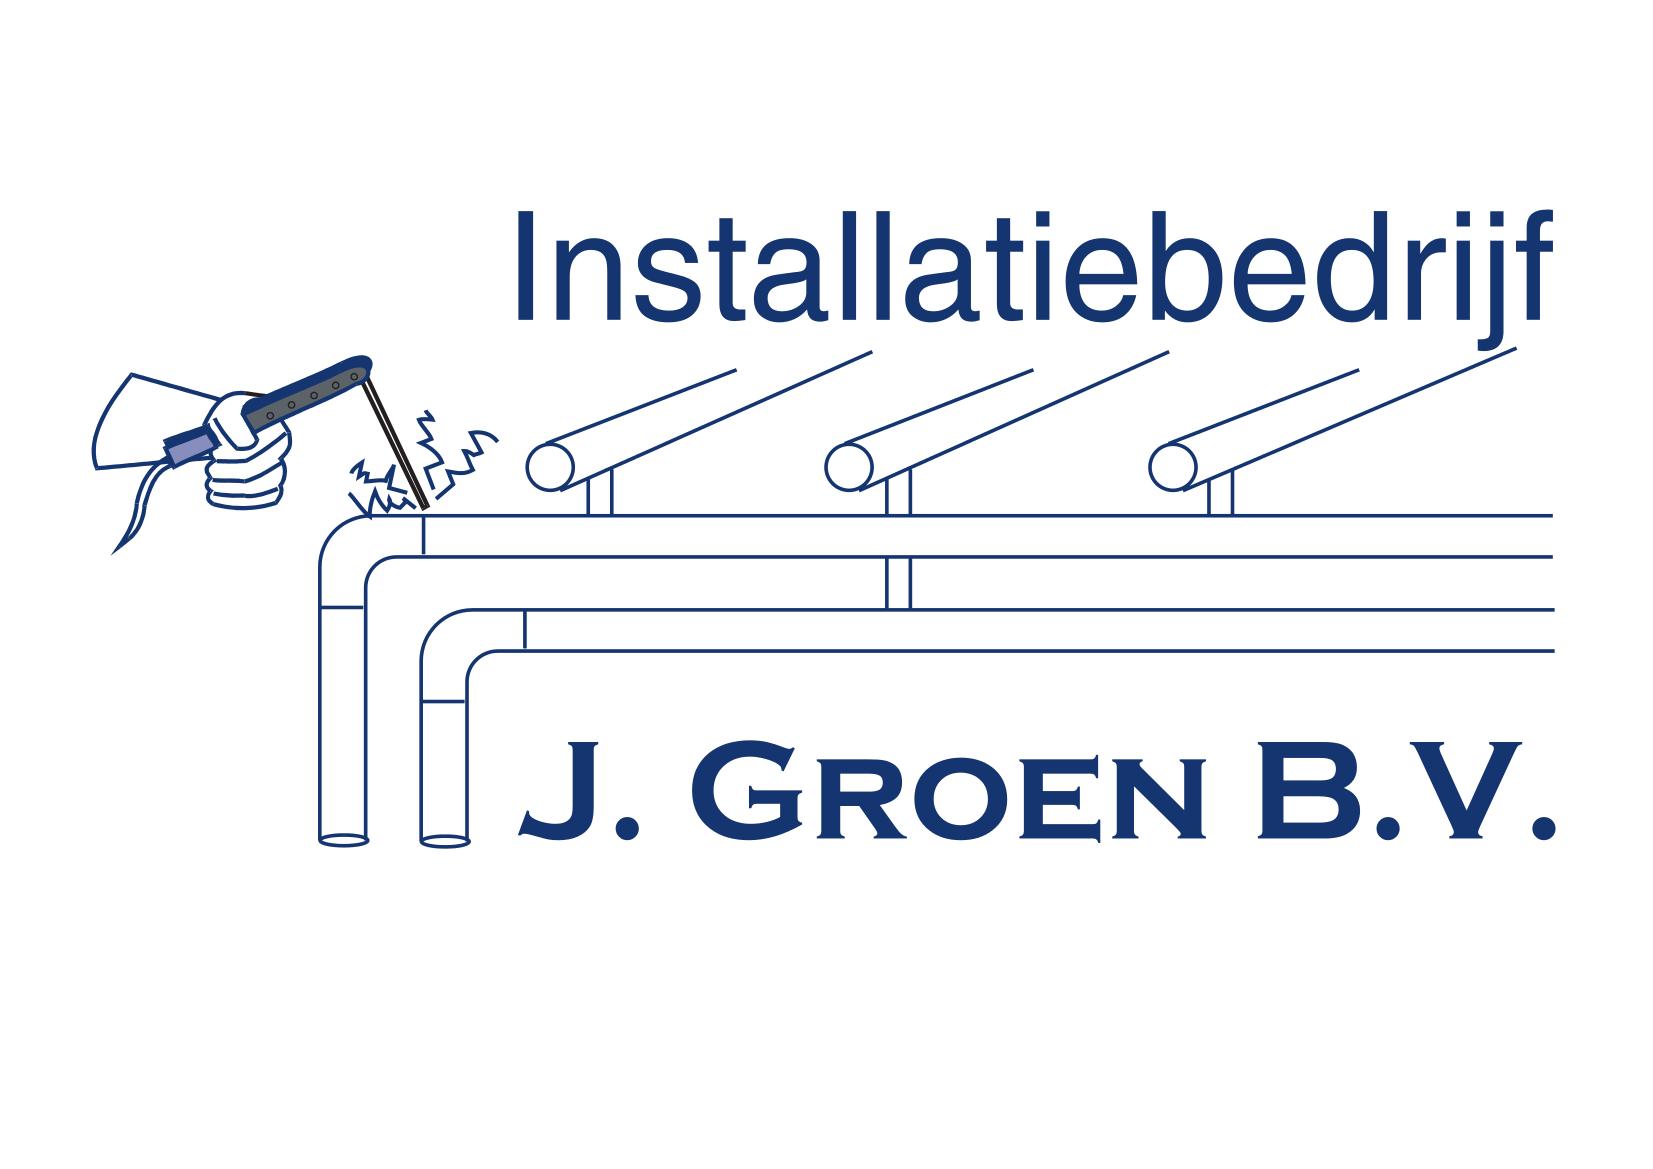 John-Groen-installatiebedrijf